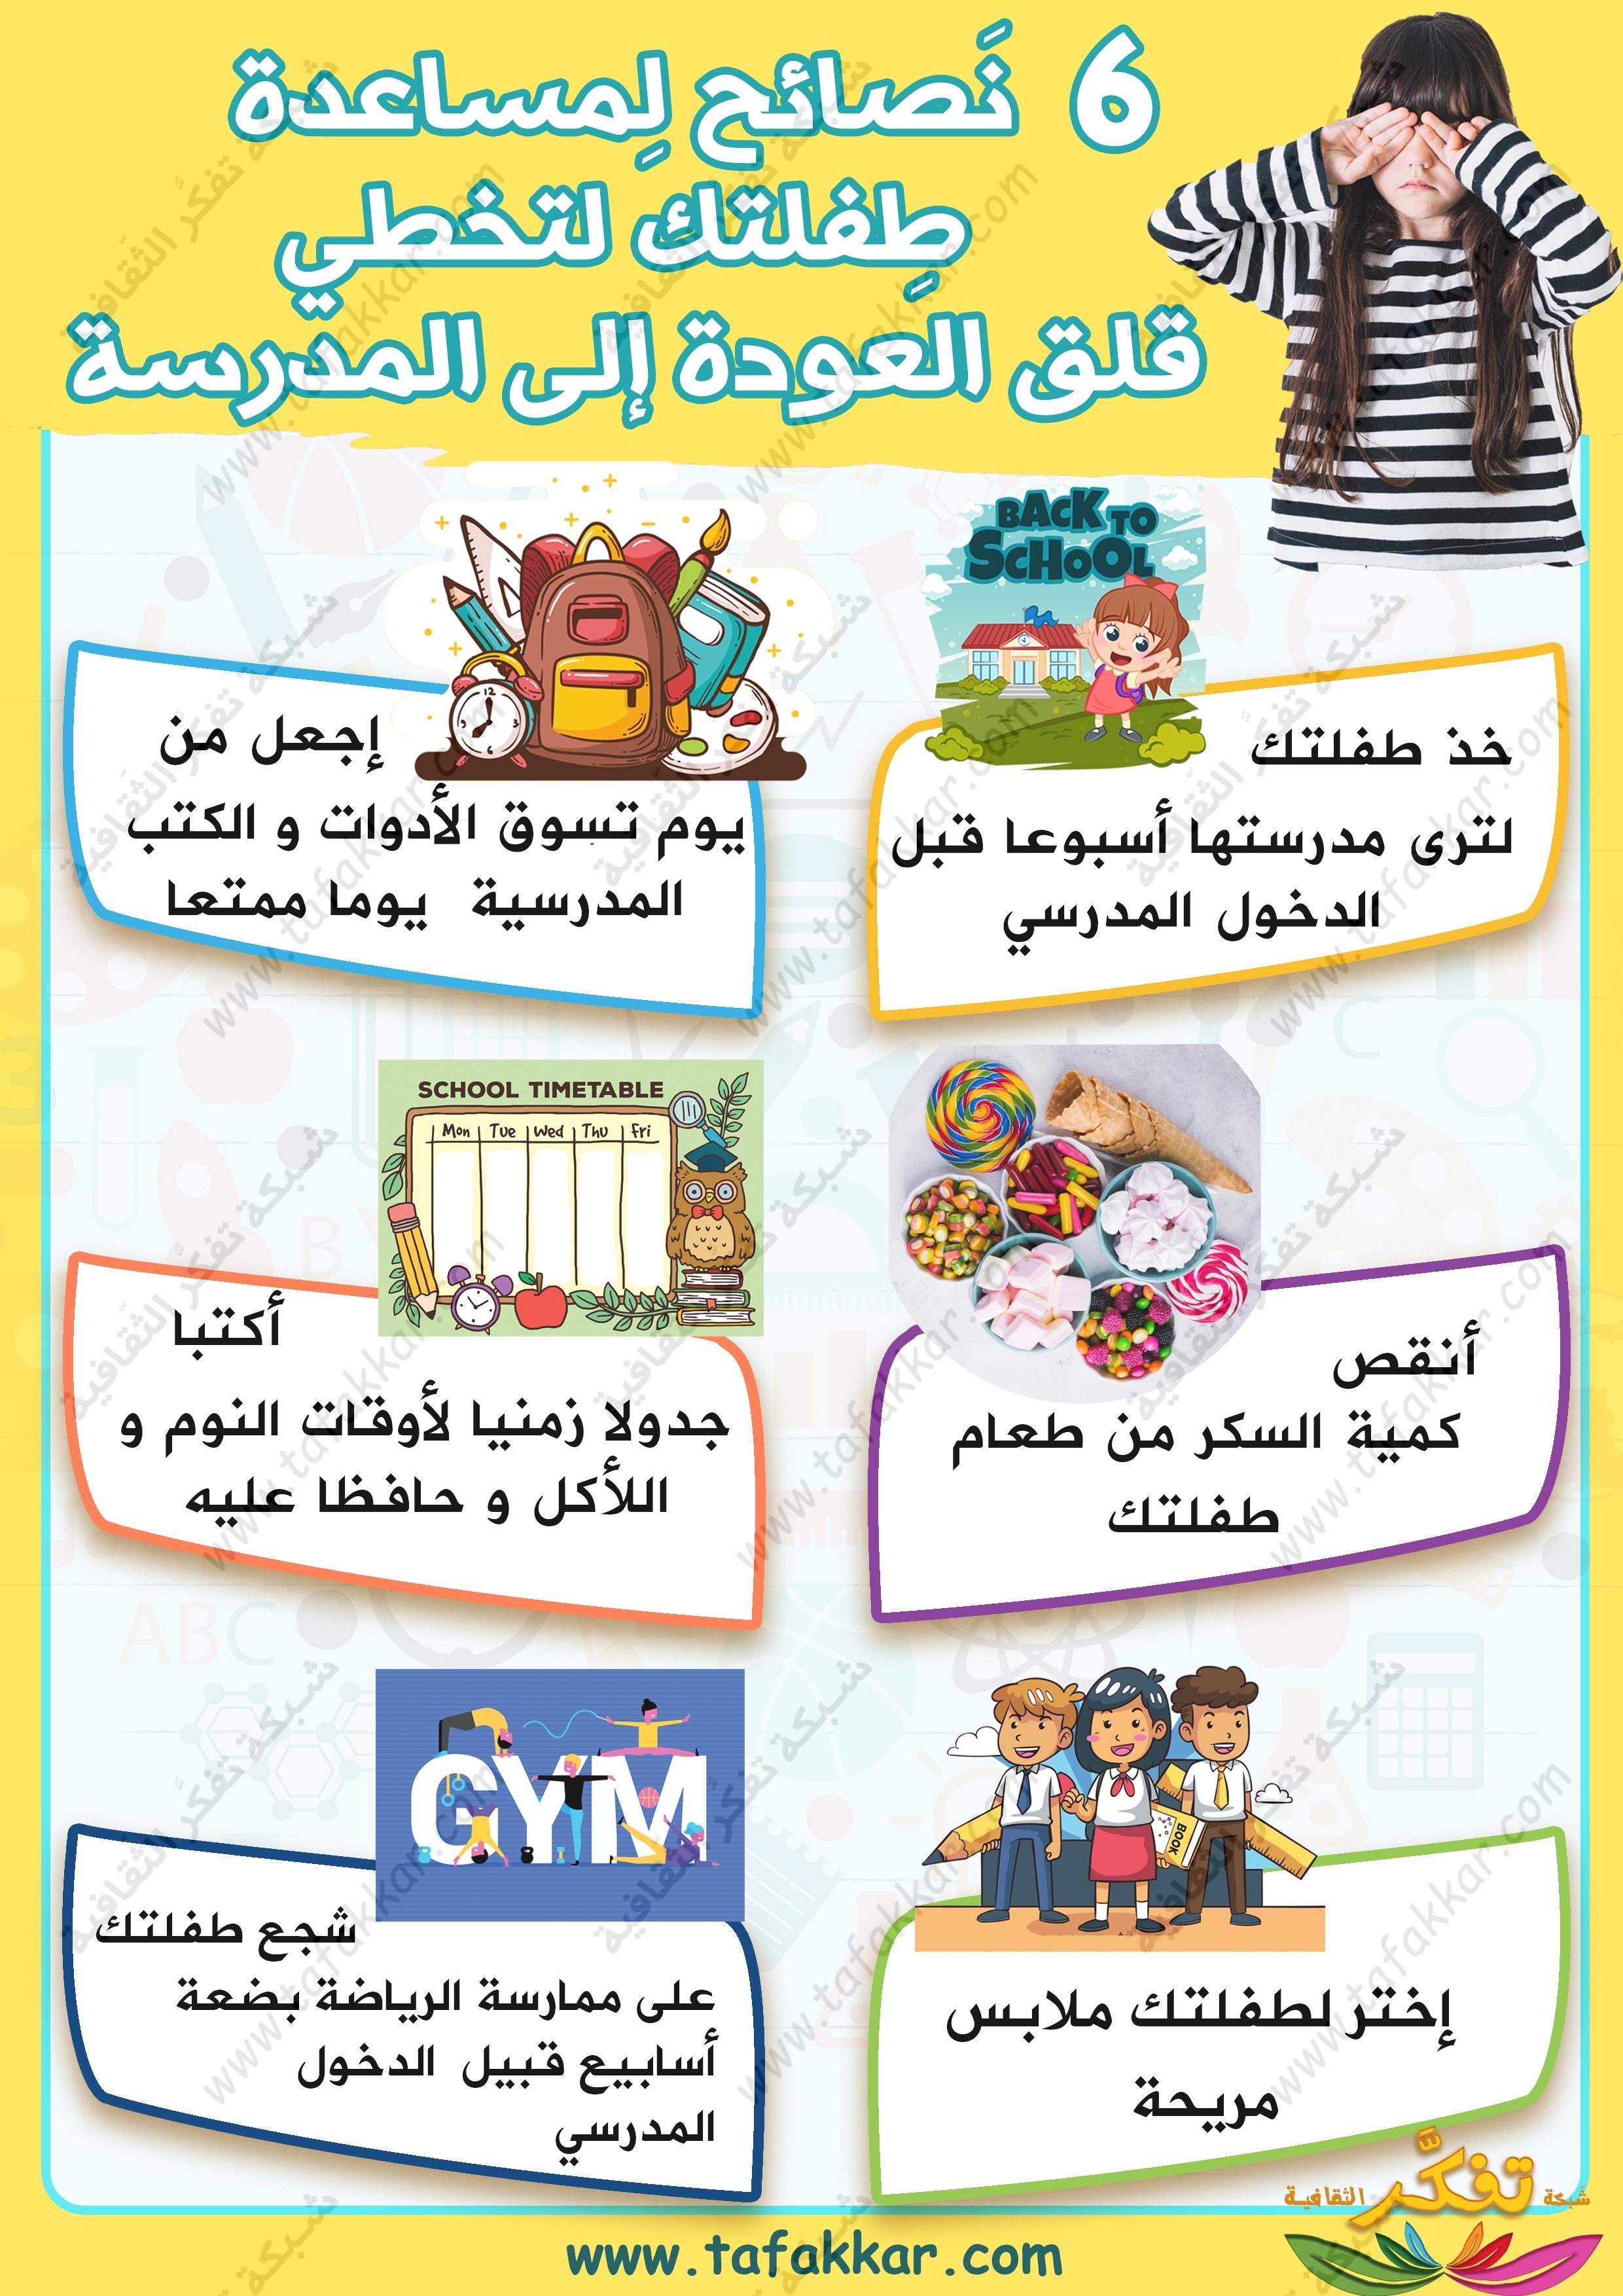 نصائح لمساعدة الأطفال على تجاوز قلق العودة إلى المدرسة